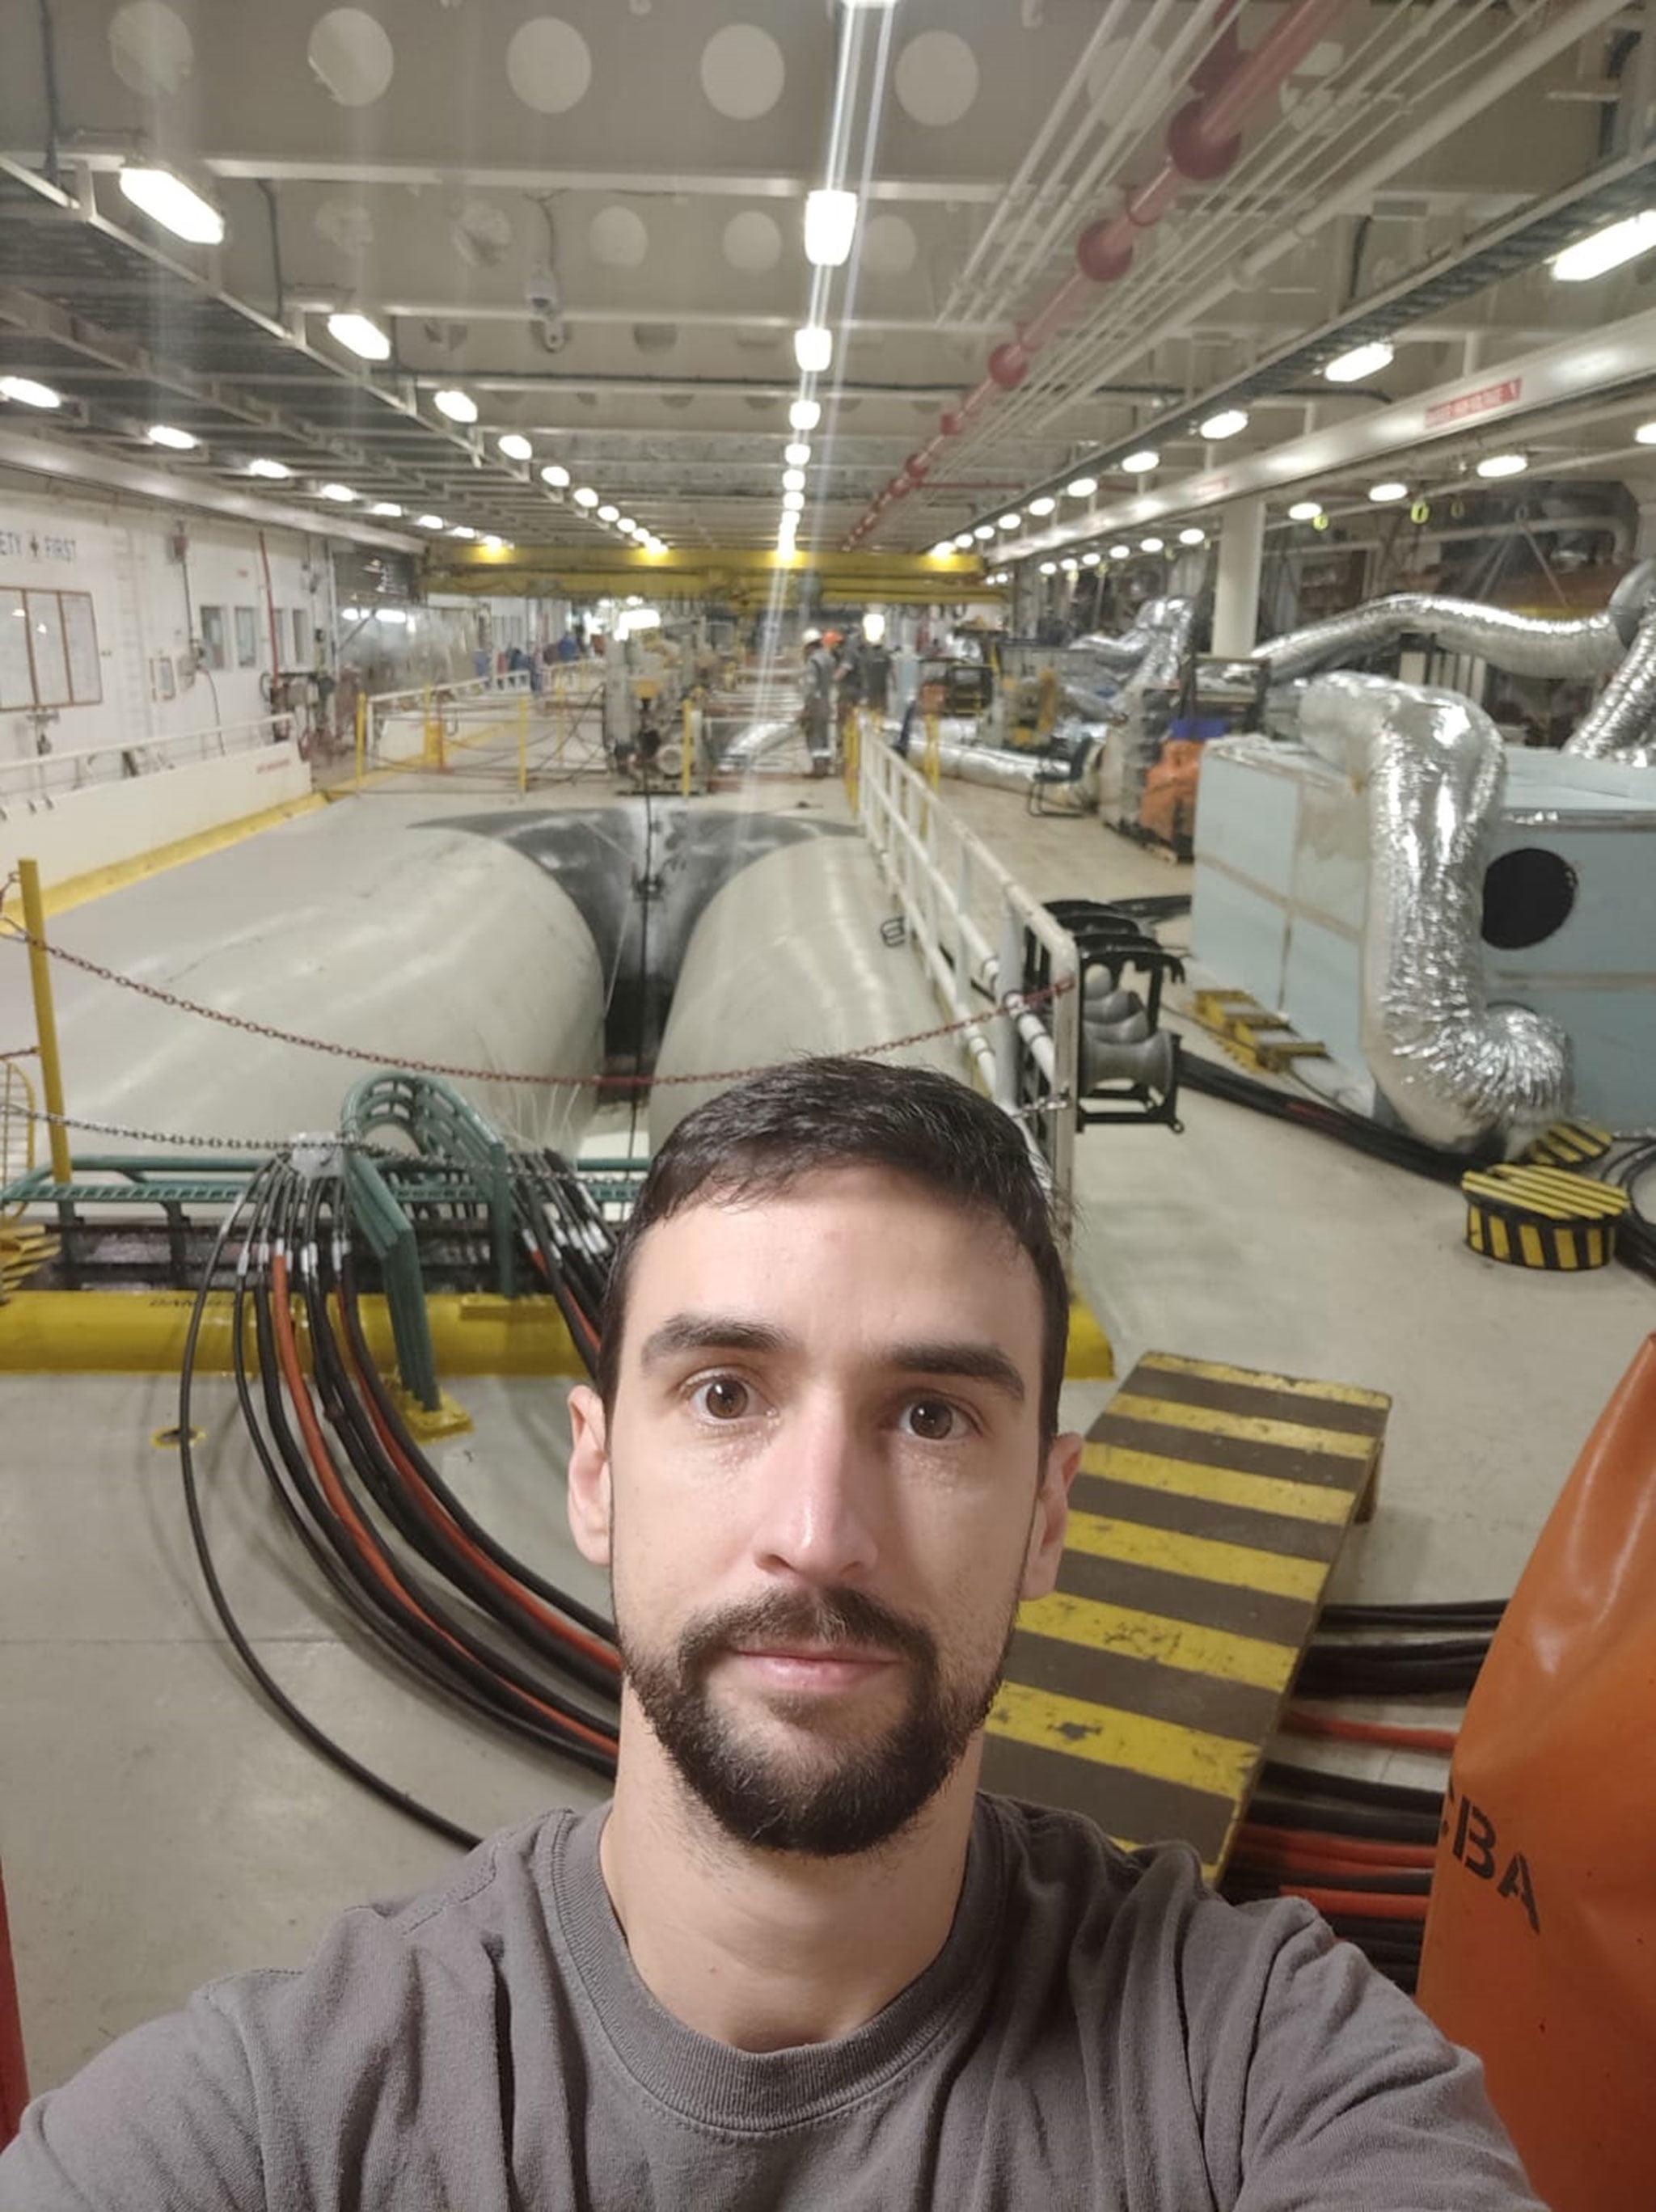 Interior del barco, con las instalaciones técnicas